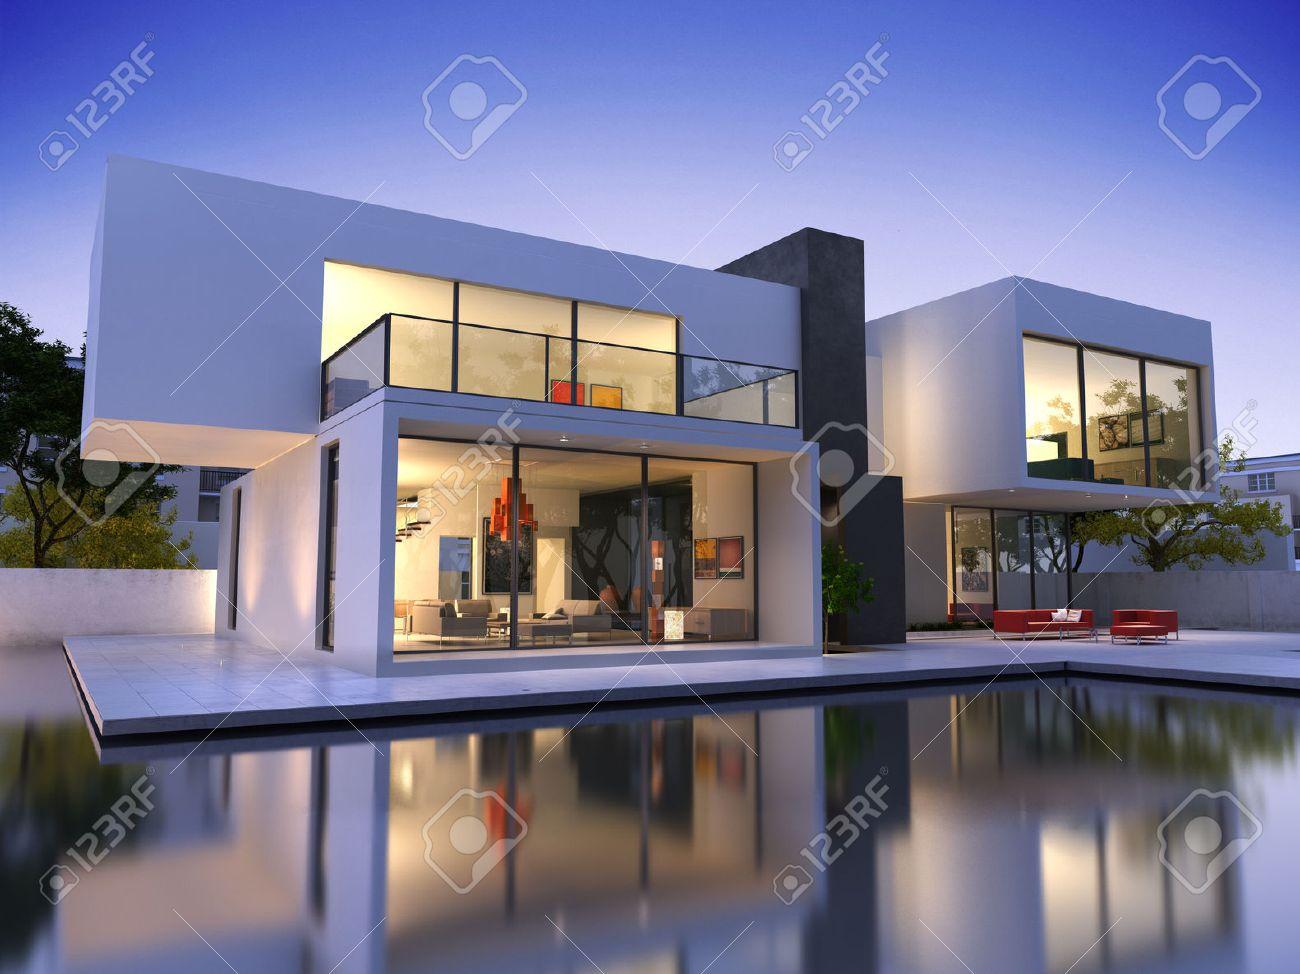 Maison Moderne Banque D\'Images, Vecteurs Et Illustrations Libres ...